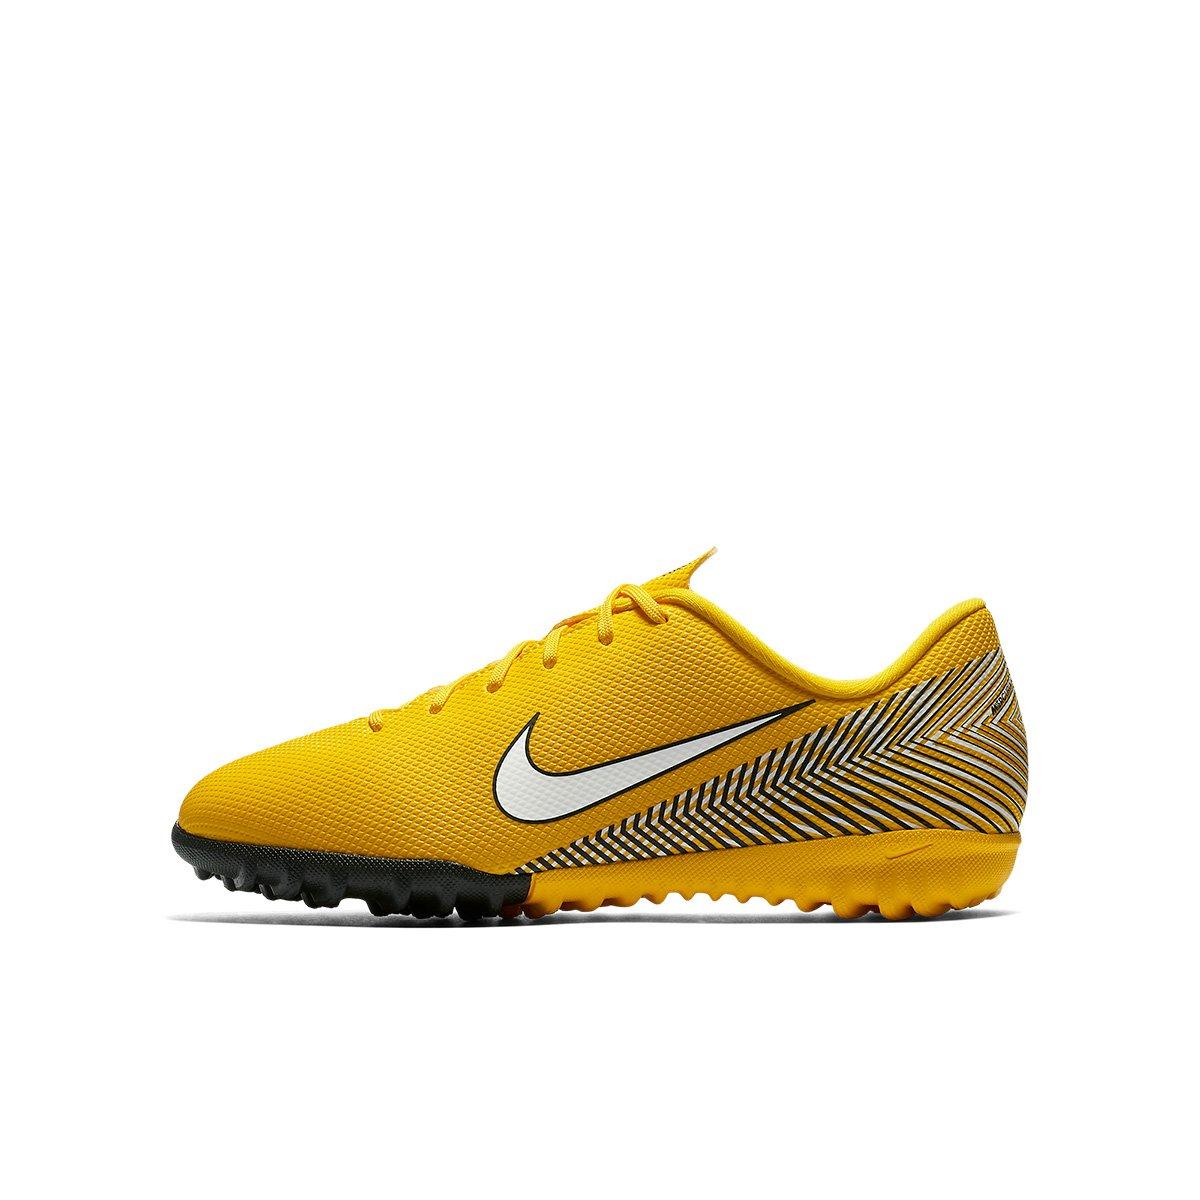 5143ce66ab Chuteira Society Infantil Nike Mercurial Vapor 12 Academy GS Neymar TF -  Amarelo e Preto | Shop Timão